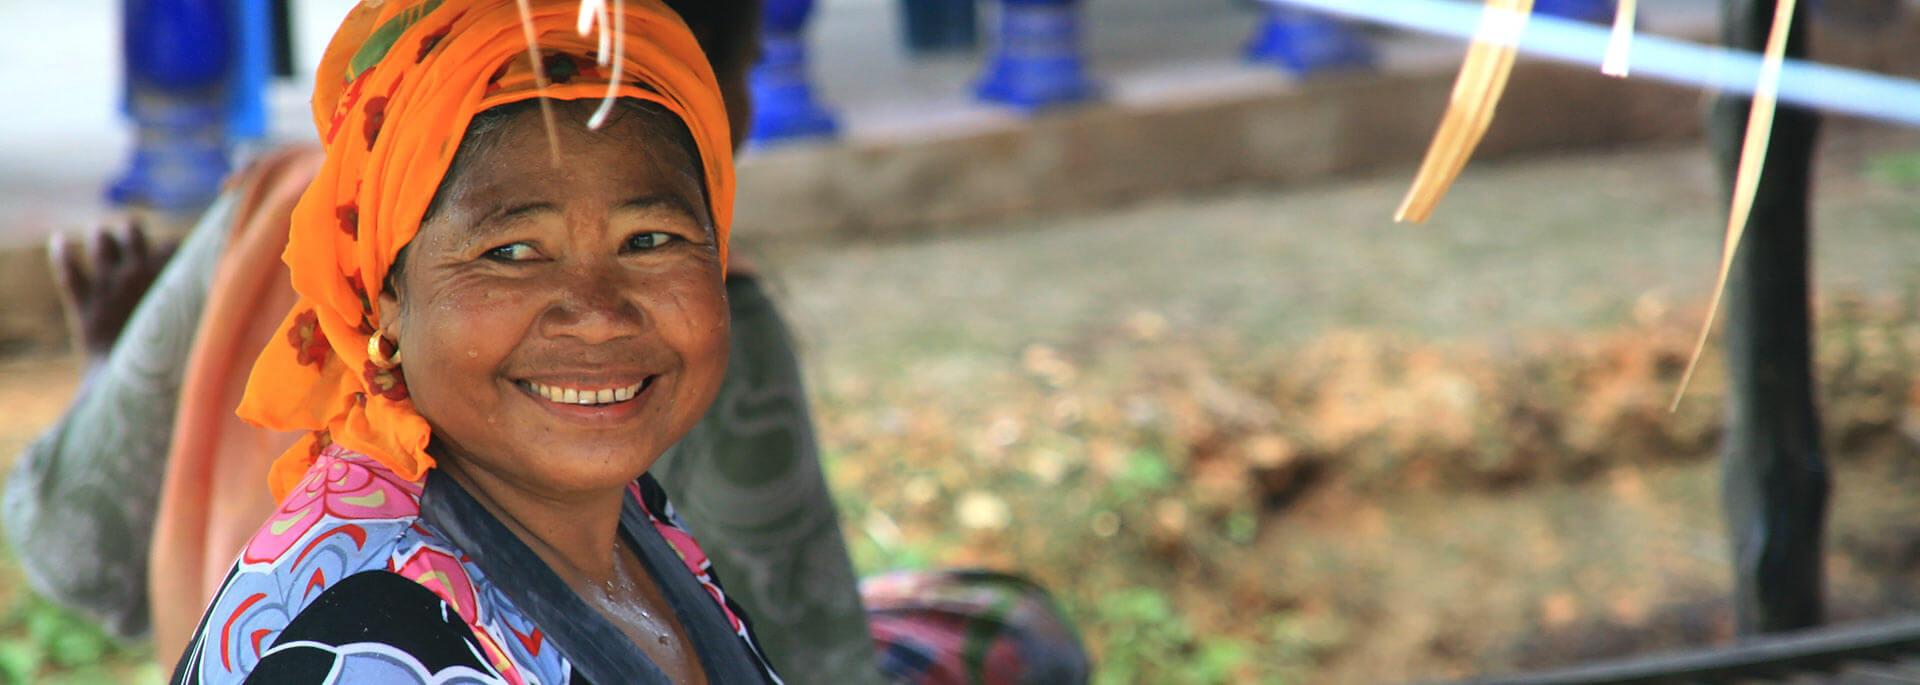 Reportage: Thailand – Zuhause ist es doch am schönsten